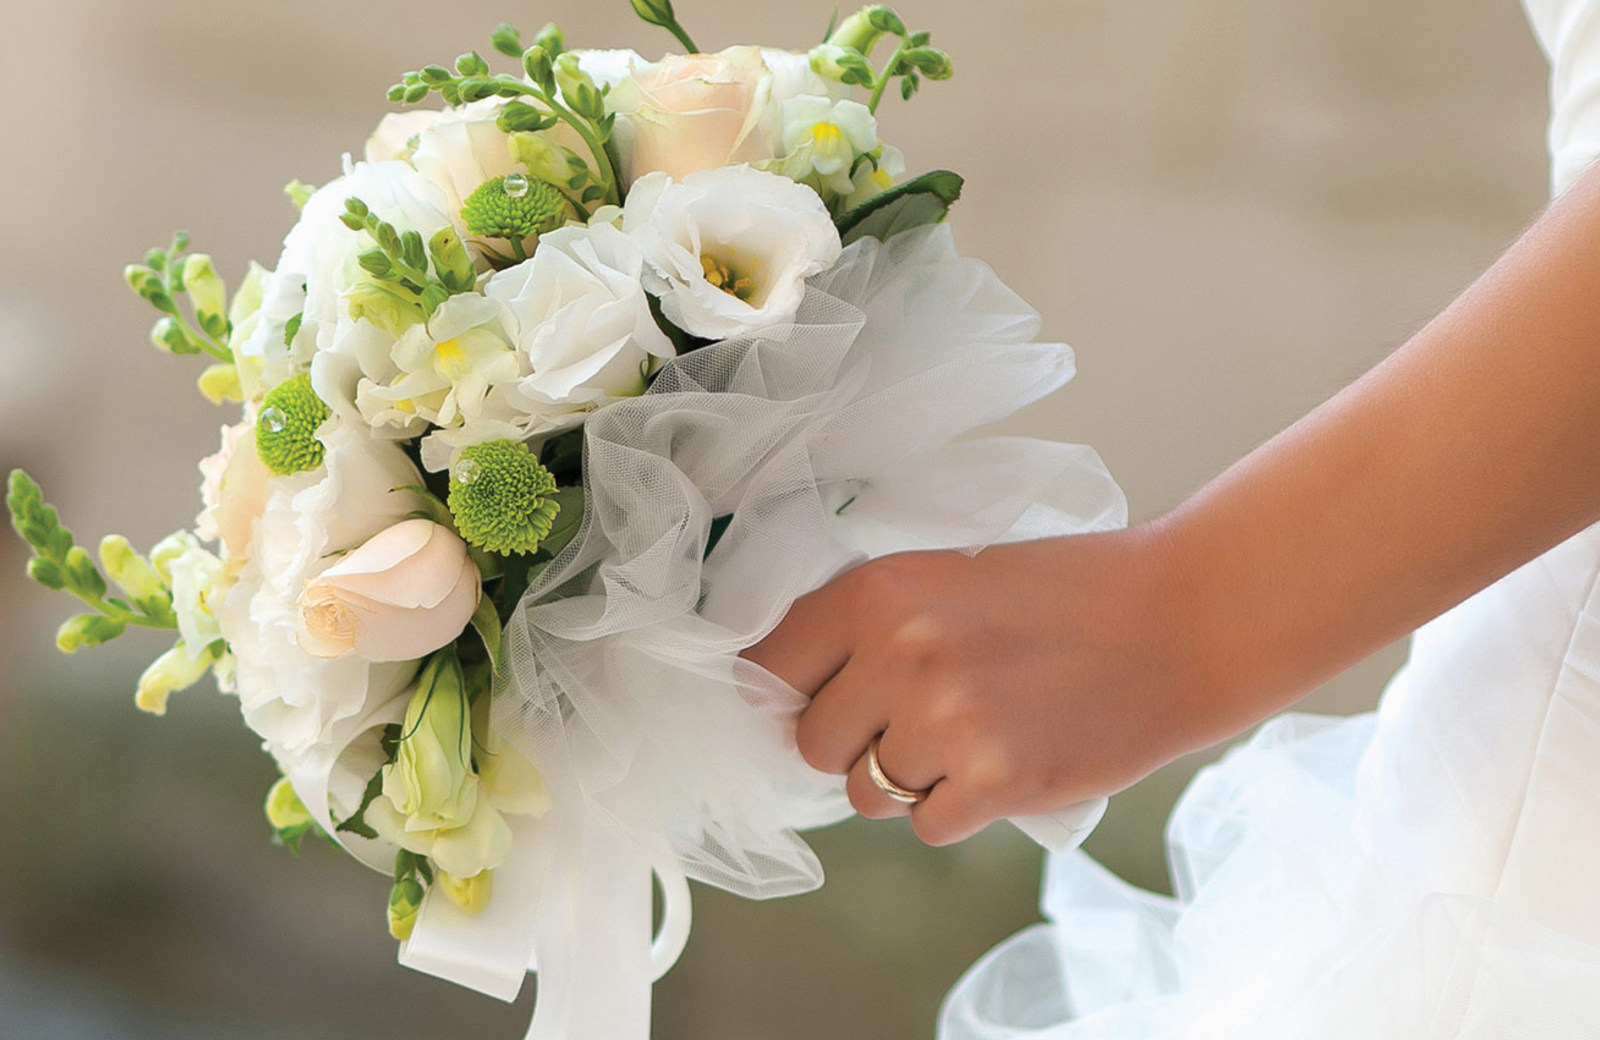 Matrimoni, battesimi, comunioni e cerimonie di ogni tipo